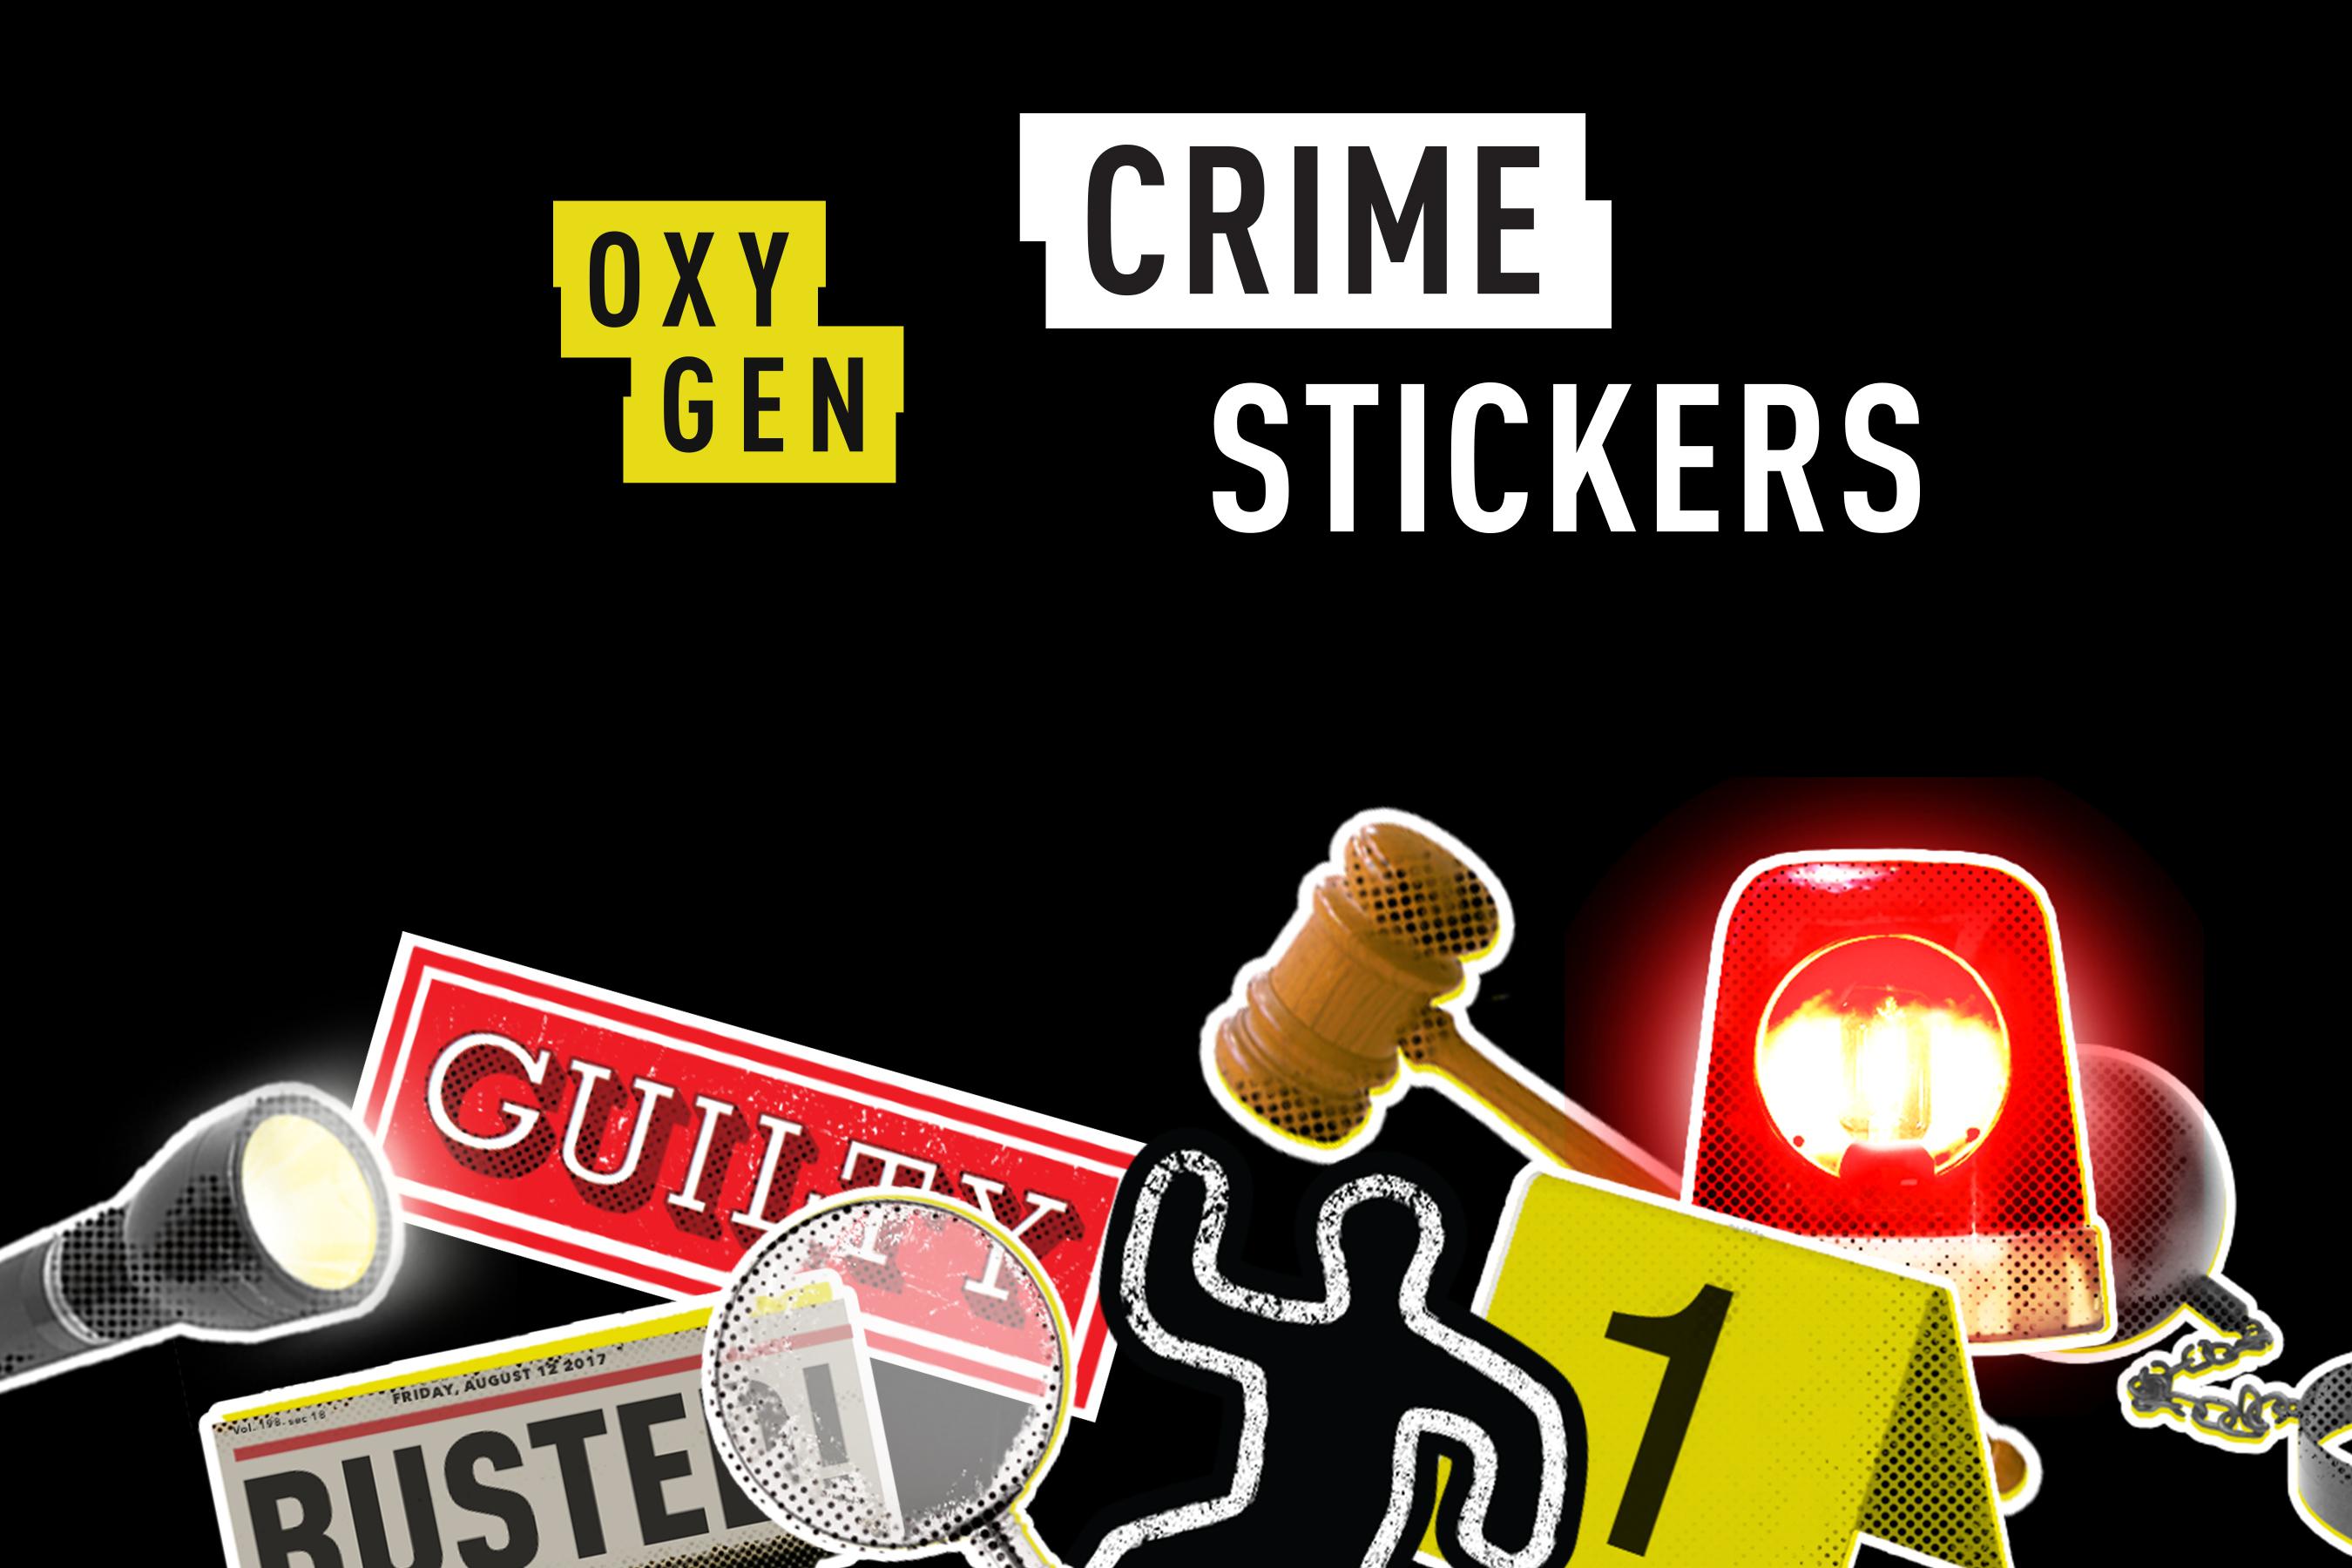 Las pegatinas de delitos de oxígeno ya están disponibles en la App Store de iOS